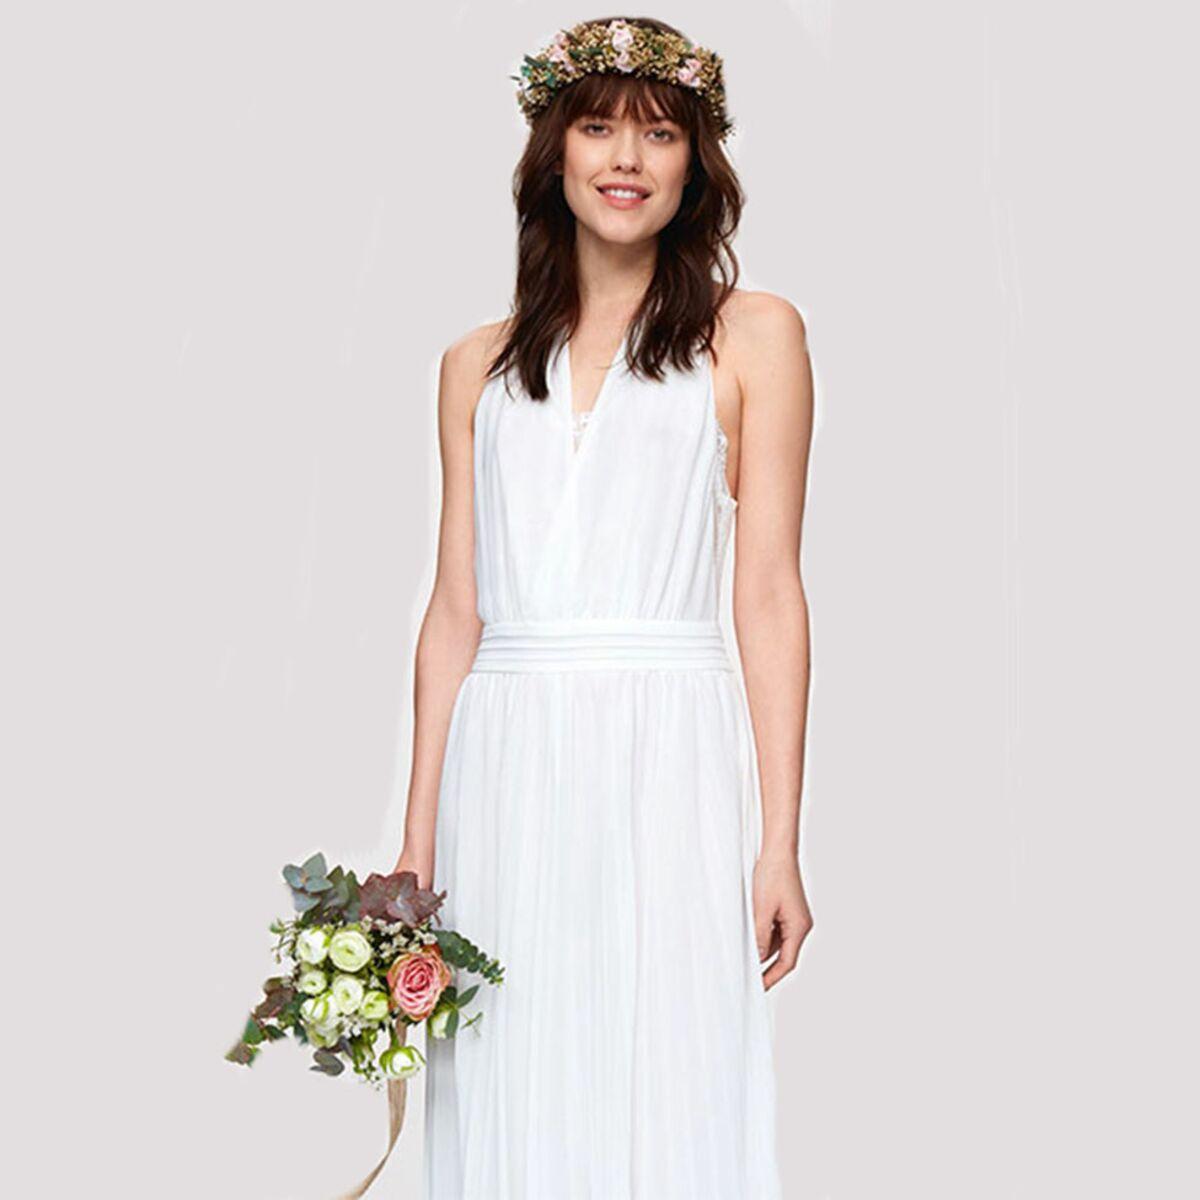 Flore » : la robe de mariée signée Kiabi